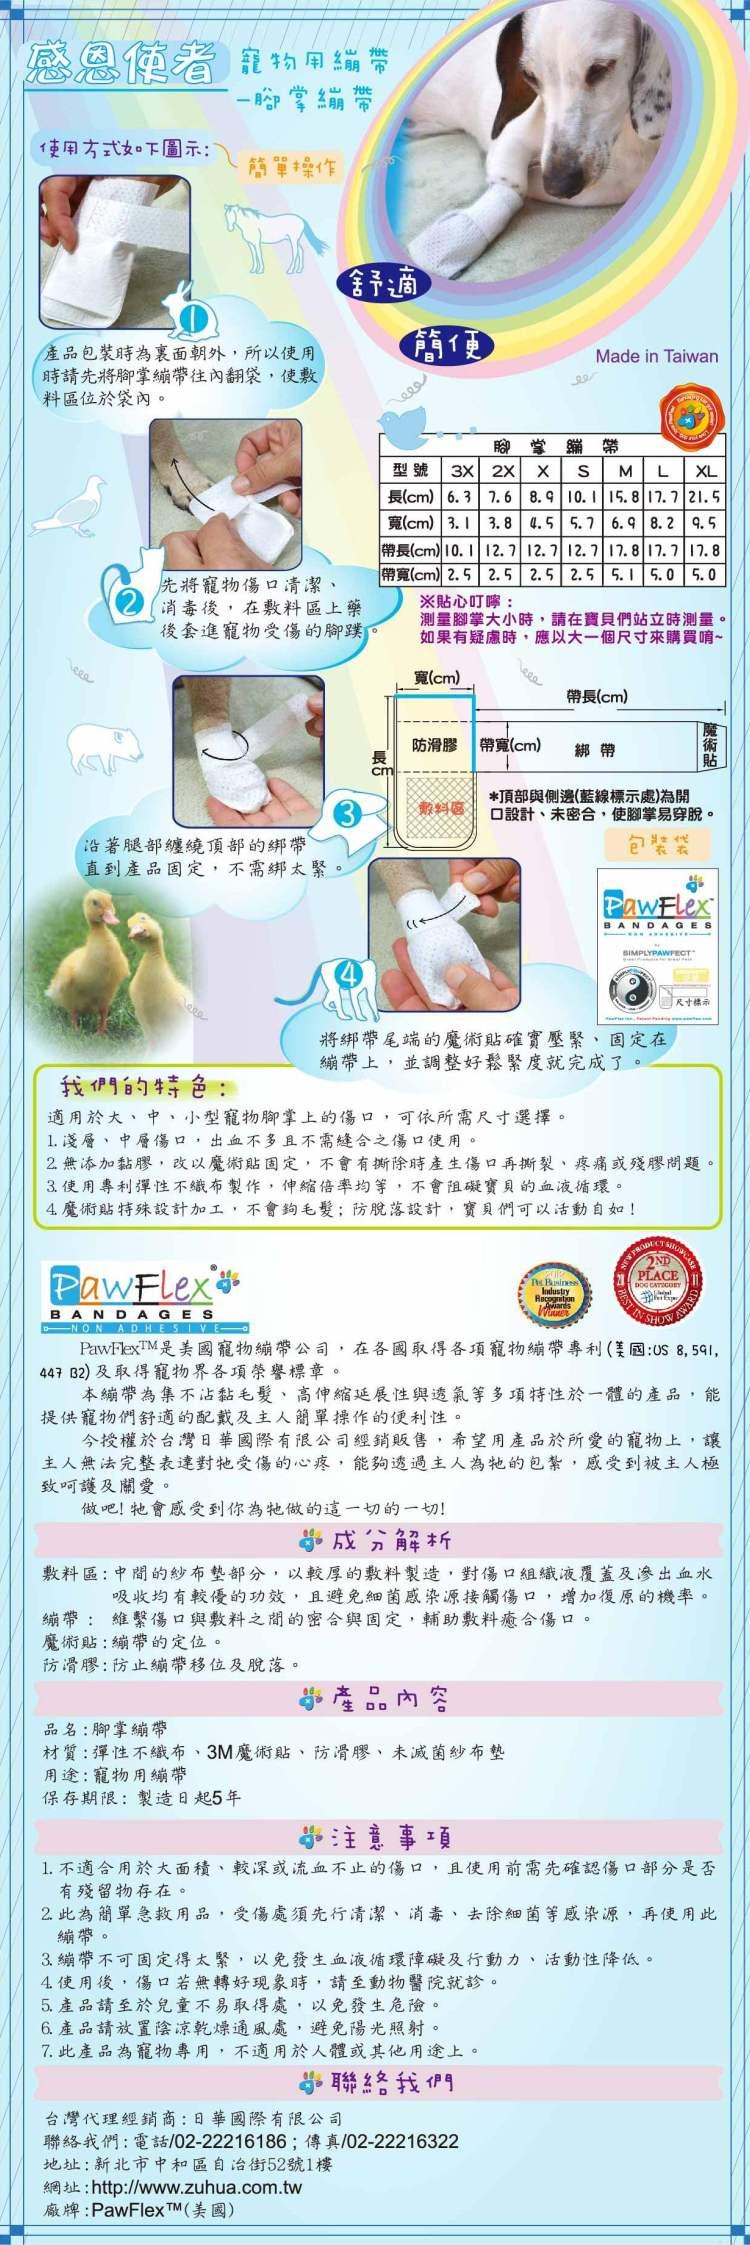 寵物用繃帶 : 寵物受傷怎麼辦? 寵物輕傷不想送醫院? 急救用,不鉤毛髮、不殘膠,台灣製造,輕鬆在家幫寵物寶貝包紮!